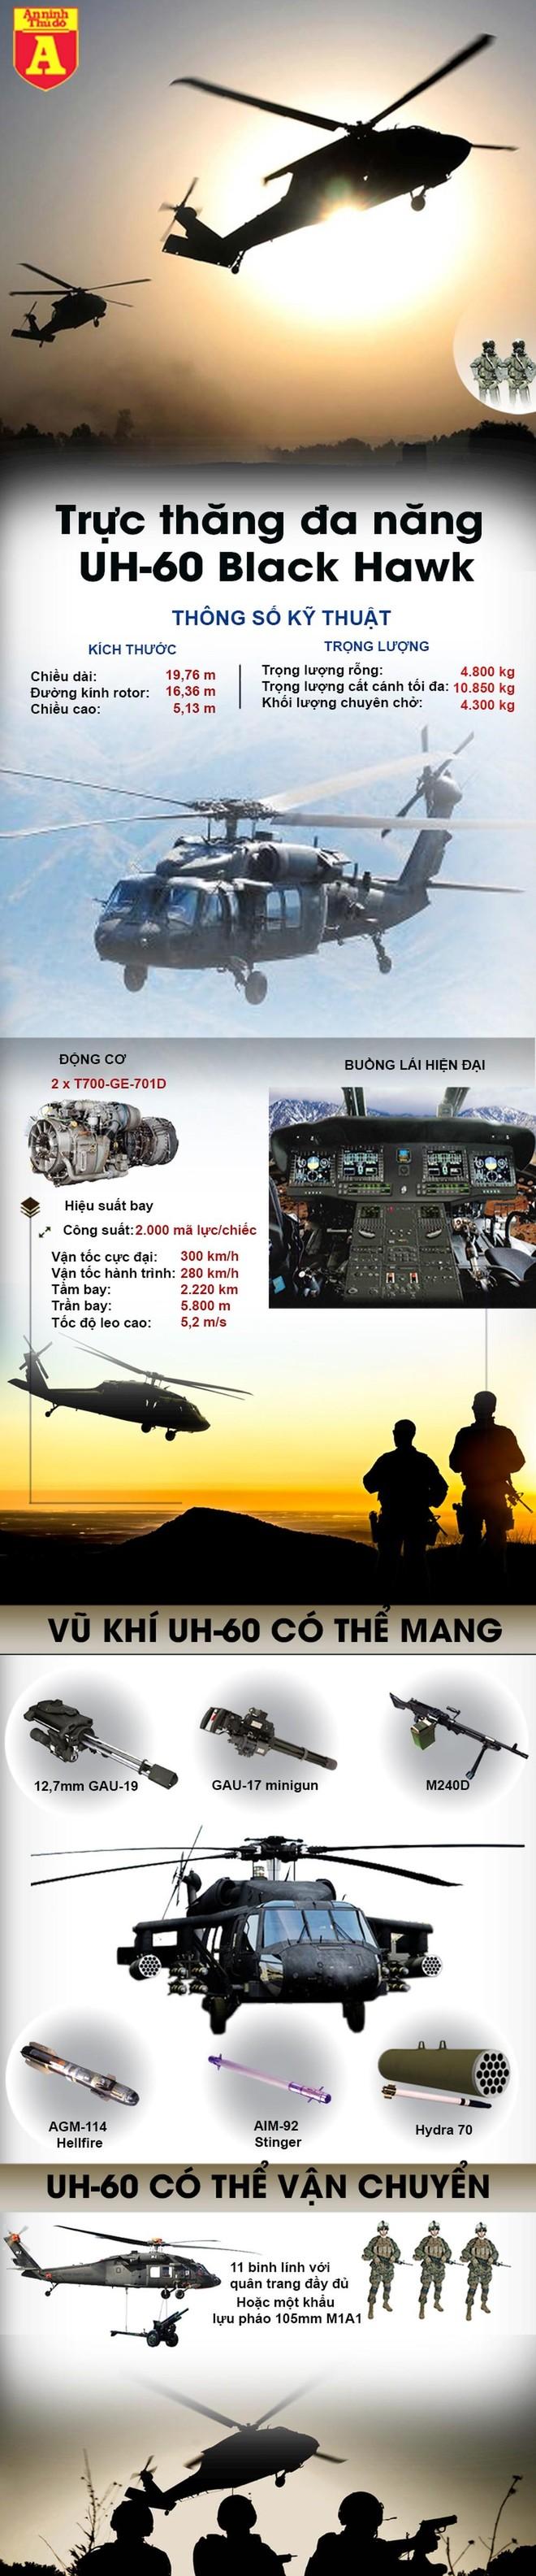 [Info] 'Diều hâu đen' UH-60 của Vệ binh Quốc gia Mỹ lao xuống đất bốc cháy ảnh 2